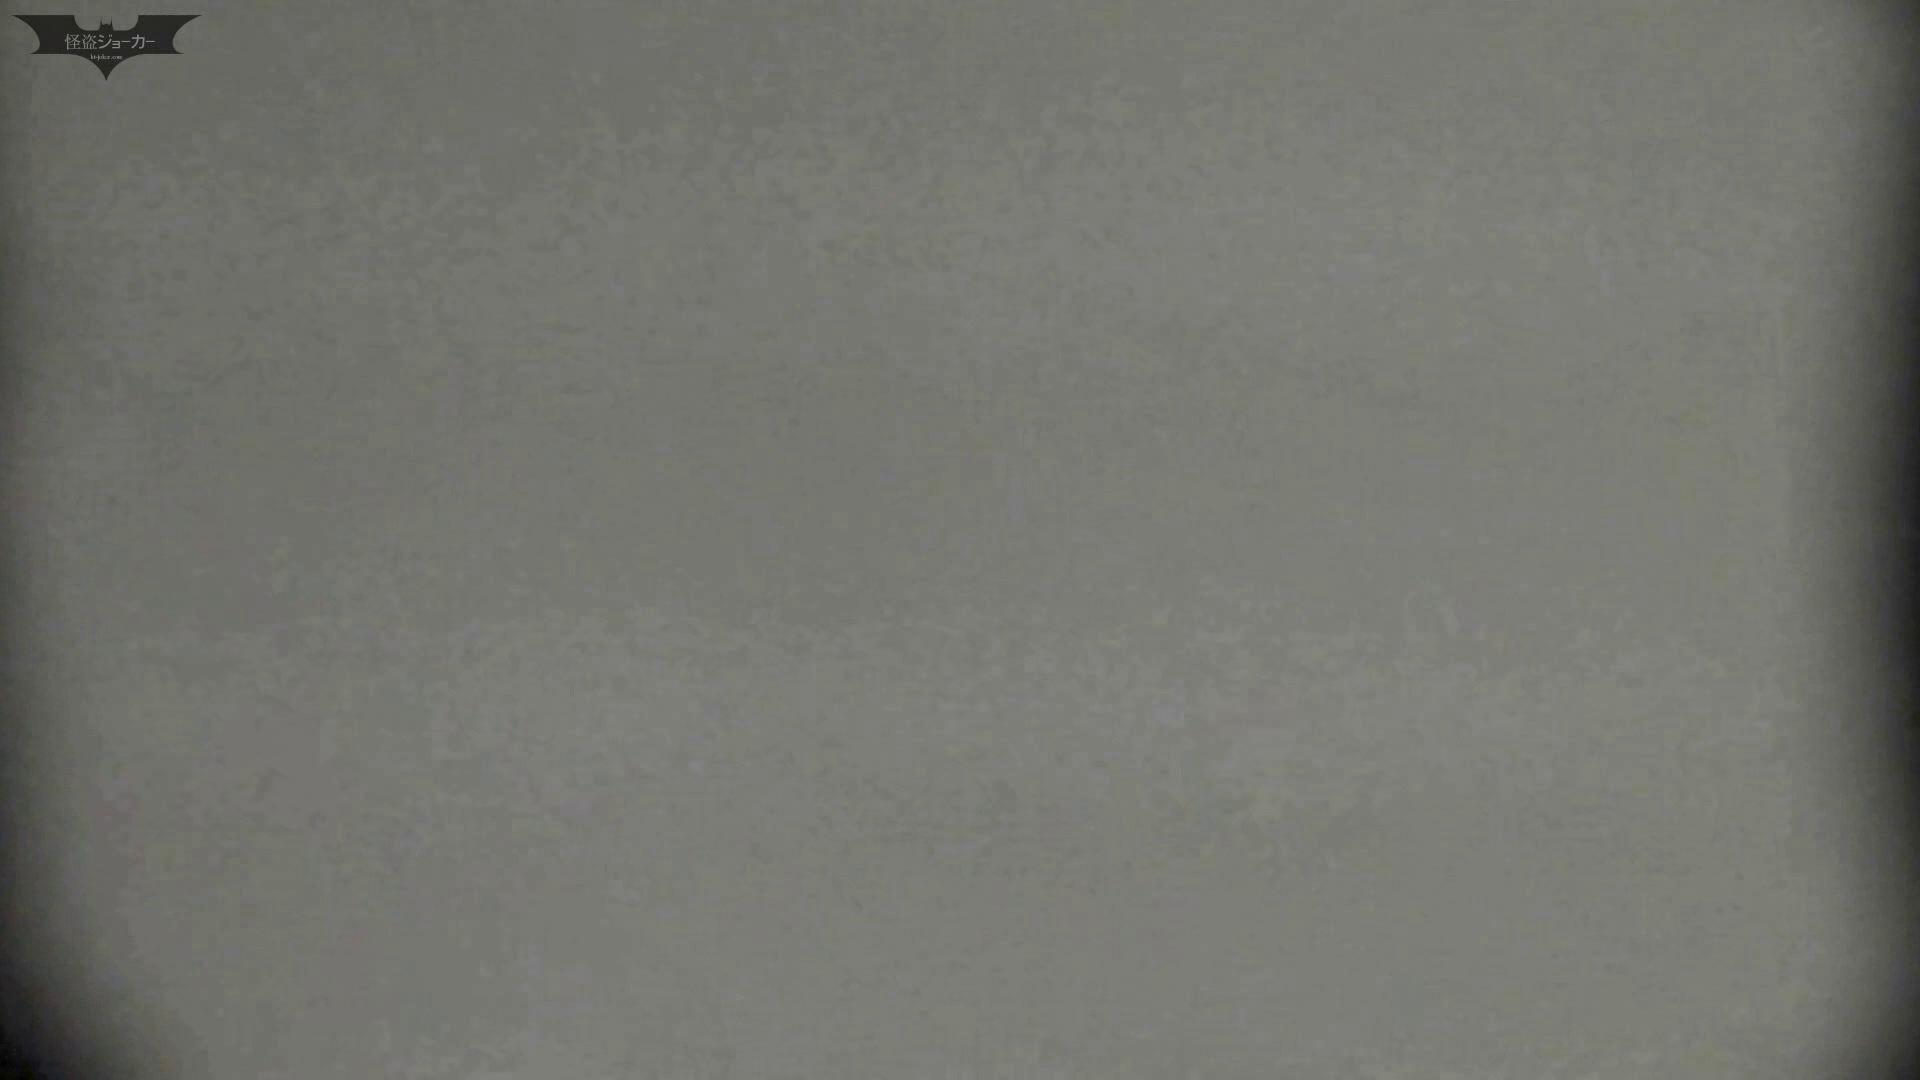 洗面所特攻隊 vol.66 珍事件発生!! 「指」で出【2015・05位】 洗面所 | 色っぽいOL達  91pic 7